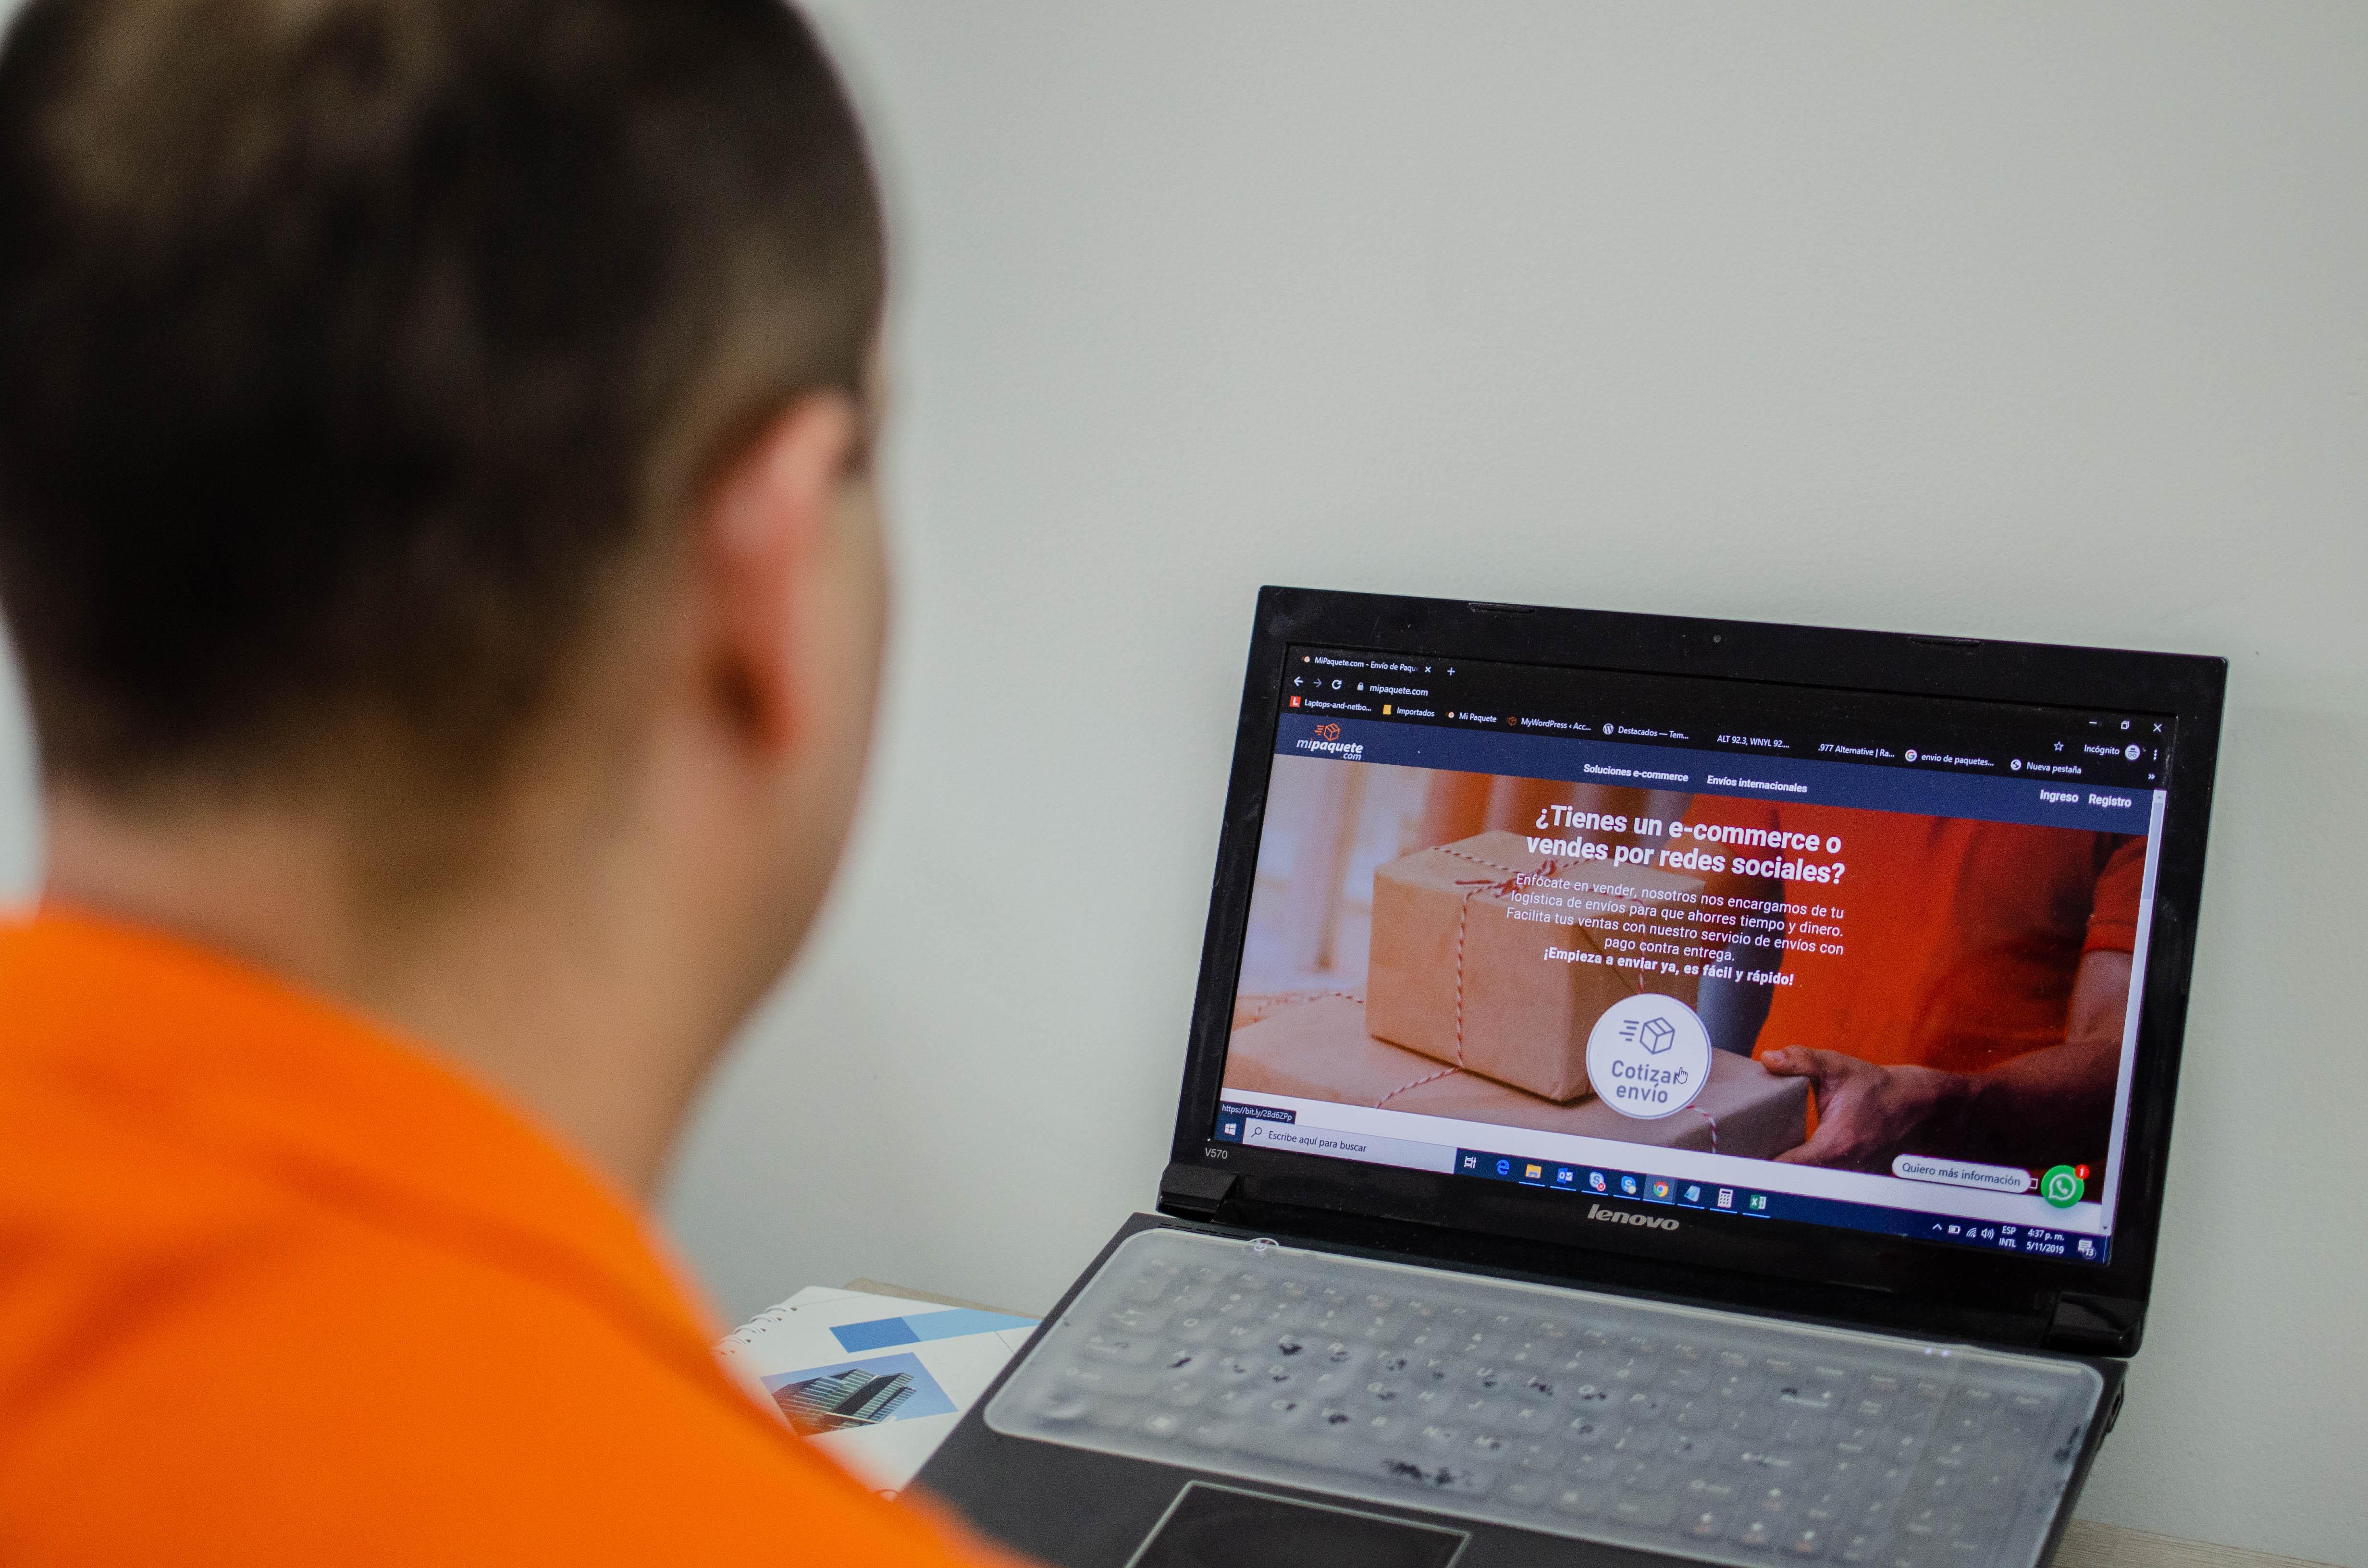 Con el manejo y gestión de la información que hace mi paquete.com, los comercio electrónicos y pymes puede reducir los costos en las entregas de mercancías, incluso hasta un 40%.